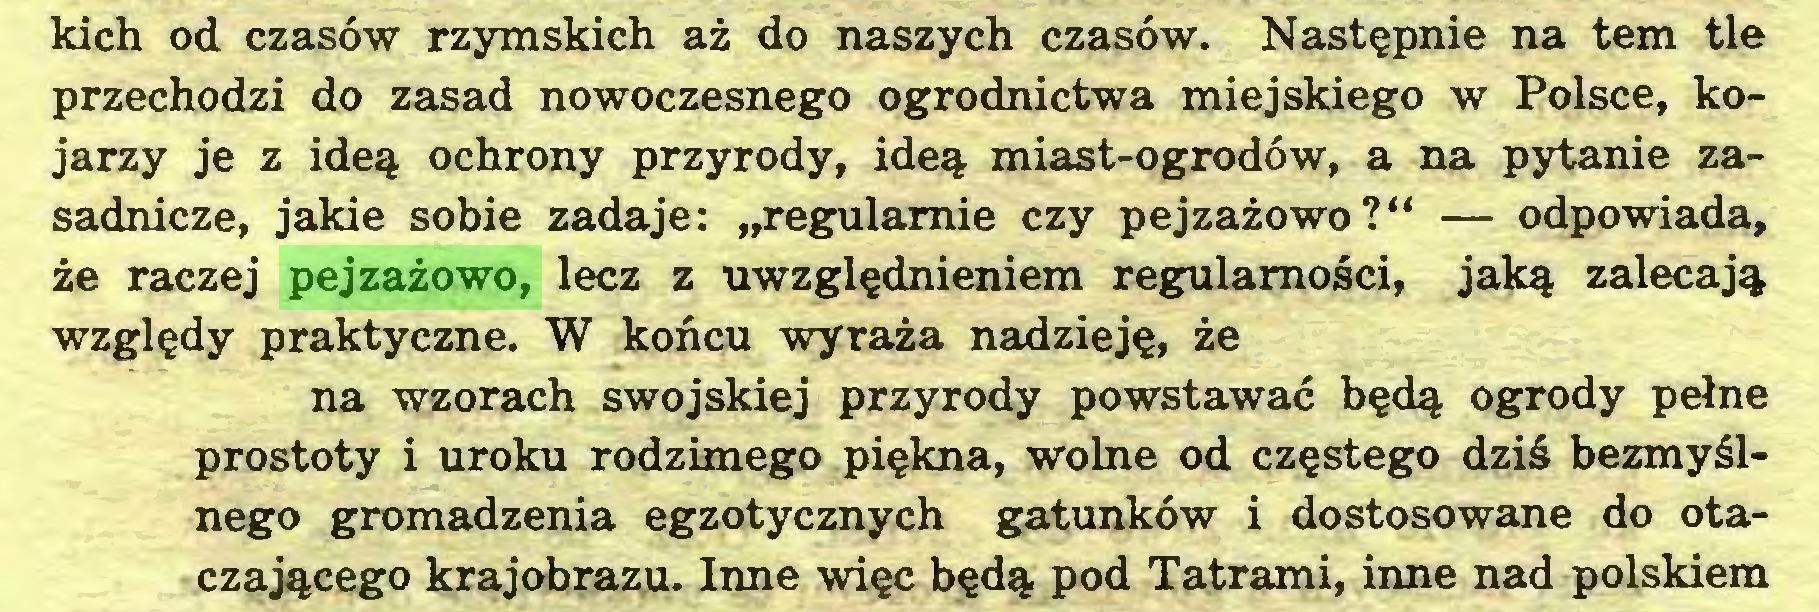 """(...) kich od czasów rzymskich aż do naszych czasów. Następnie na tem tle przechodzi do zasad nowoczesnego ogrodnictwa miejskiego w Polsce, kojarzy je z ideą ochrony przyrody, ideą miast-ogrodów, a na pytanie zasadnicze, jakie sobie zadaje: """"regularnie czy pejzażowo?"""" — odpowiada, że raczej pejzażowo, lecz z uwzględnieniem regularności, jaką zalecają względy praktyczne. W końcu wyraża nadzieję, że na wzorach swojskiej przyrody powstawać będą ogrody pełne prostoty i uroku rodzimego piękna, wolne od częstego dziś bezmyślnego gromadzenia egzotycznych gatunków i dostosowane do otaczającego krajobrazu. Inne więc będą pod Tatrami, inne nad polskiem..."""